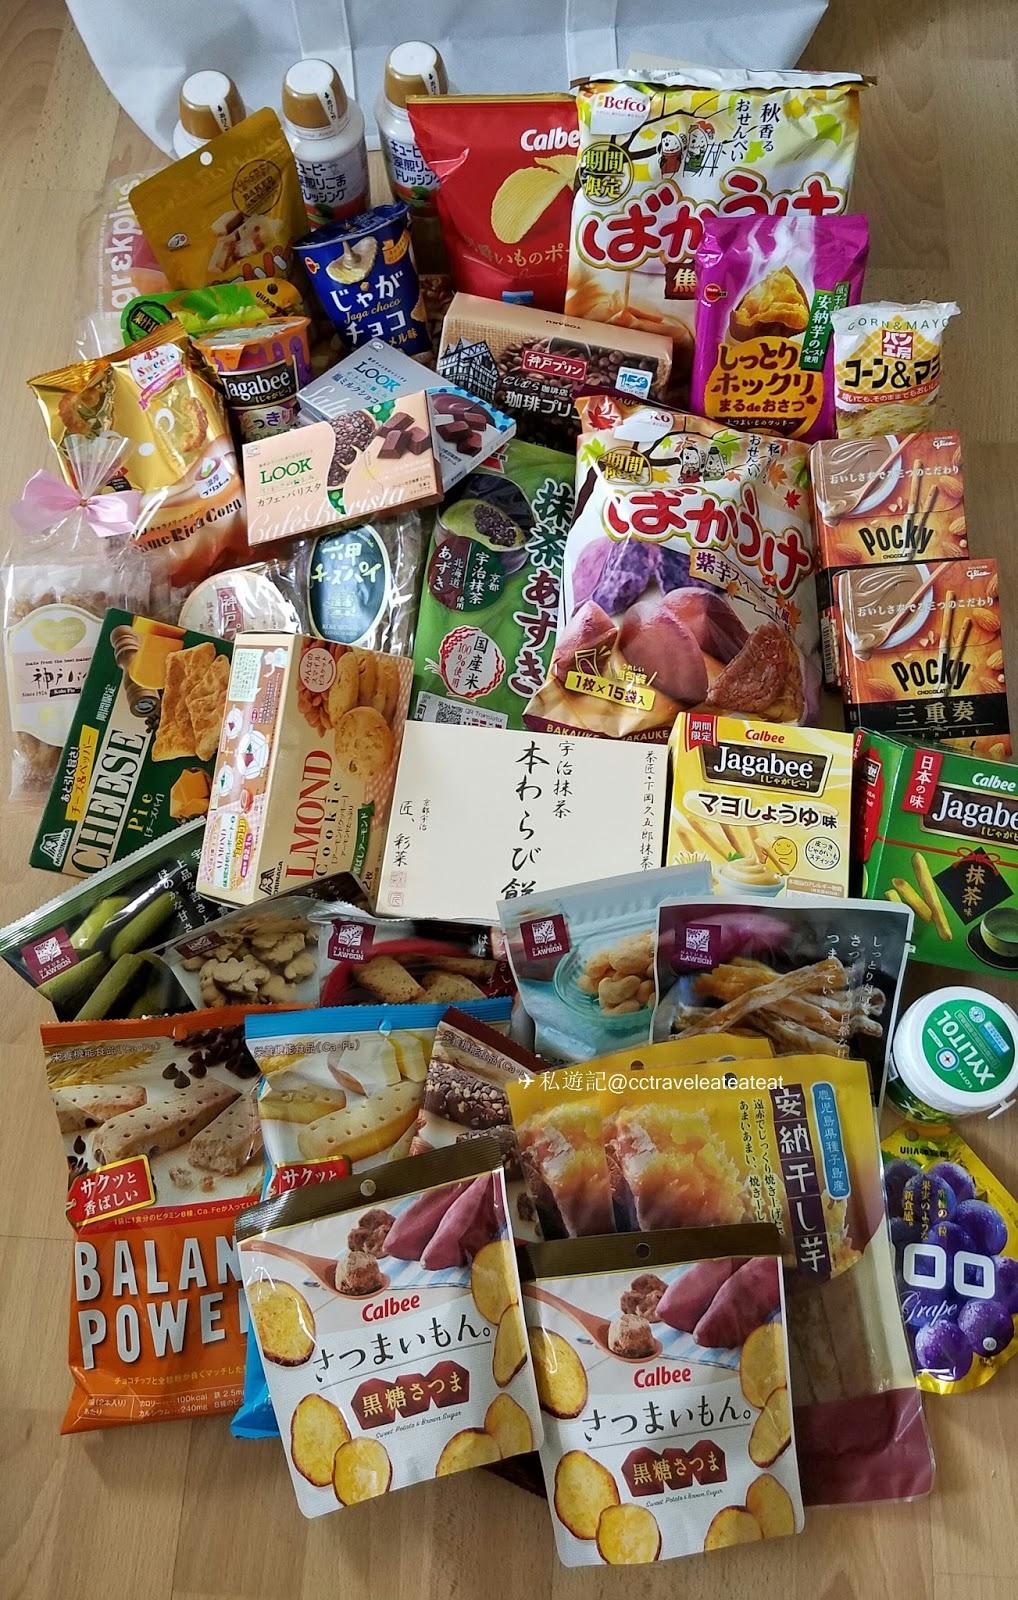 私遊記: 【日本買買買】最新秋日零食分享大會~ 來看看有沒有你喜歡的~